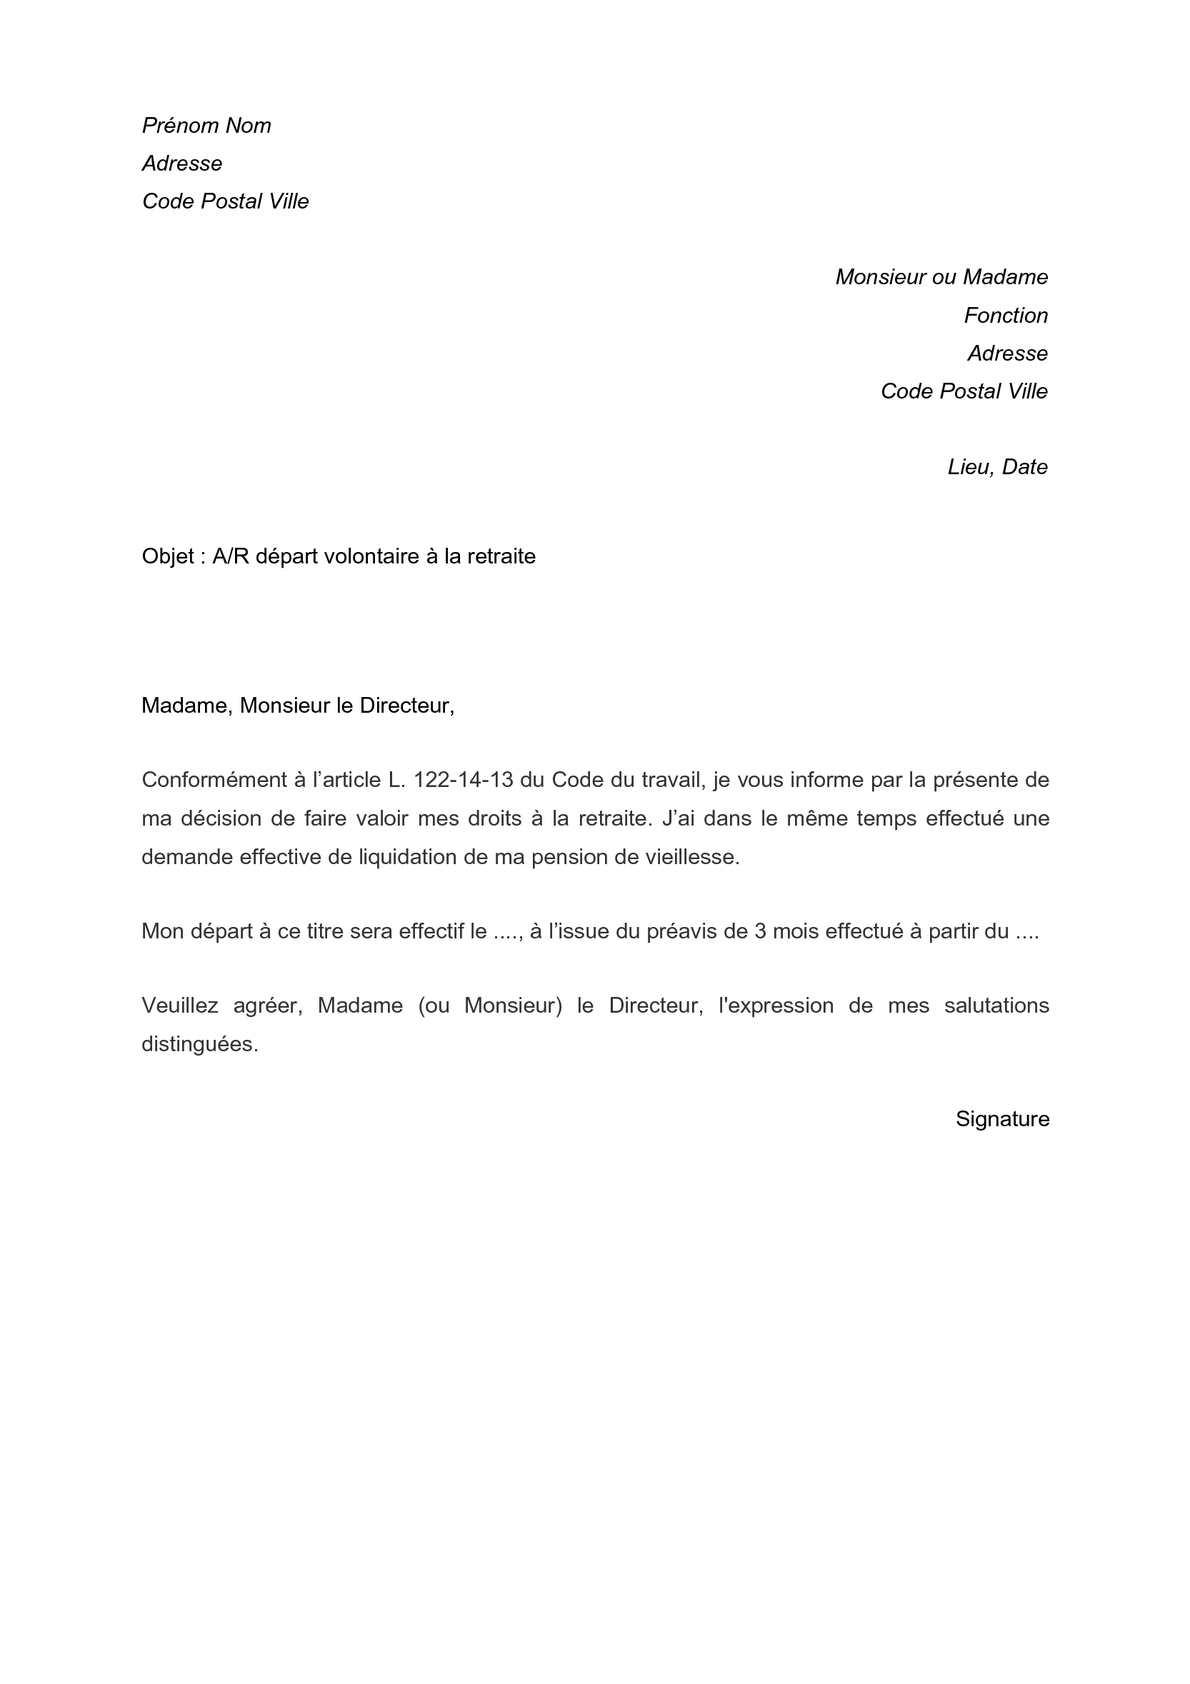 Calameo Lettre Type De Depart Volontaire A La Retraite